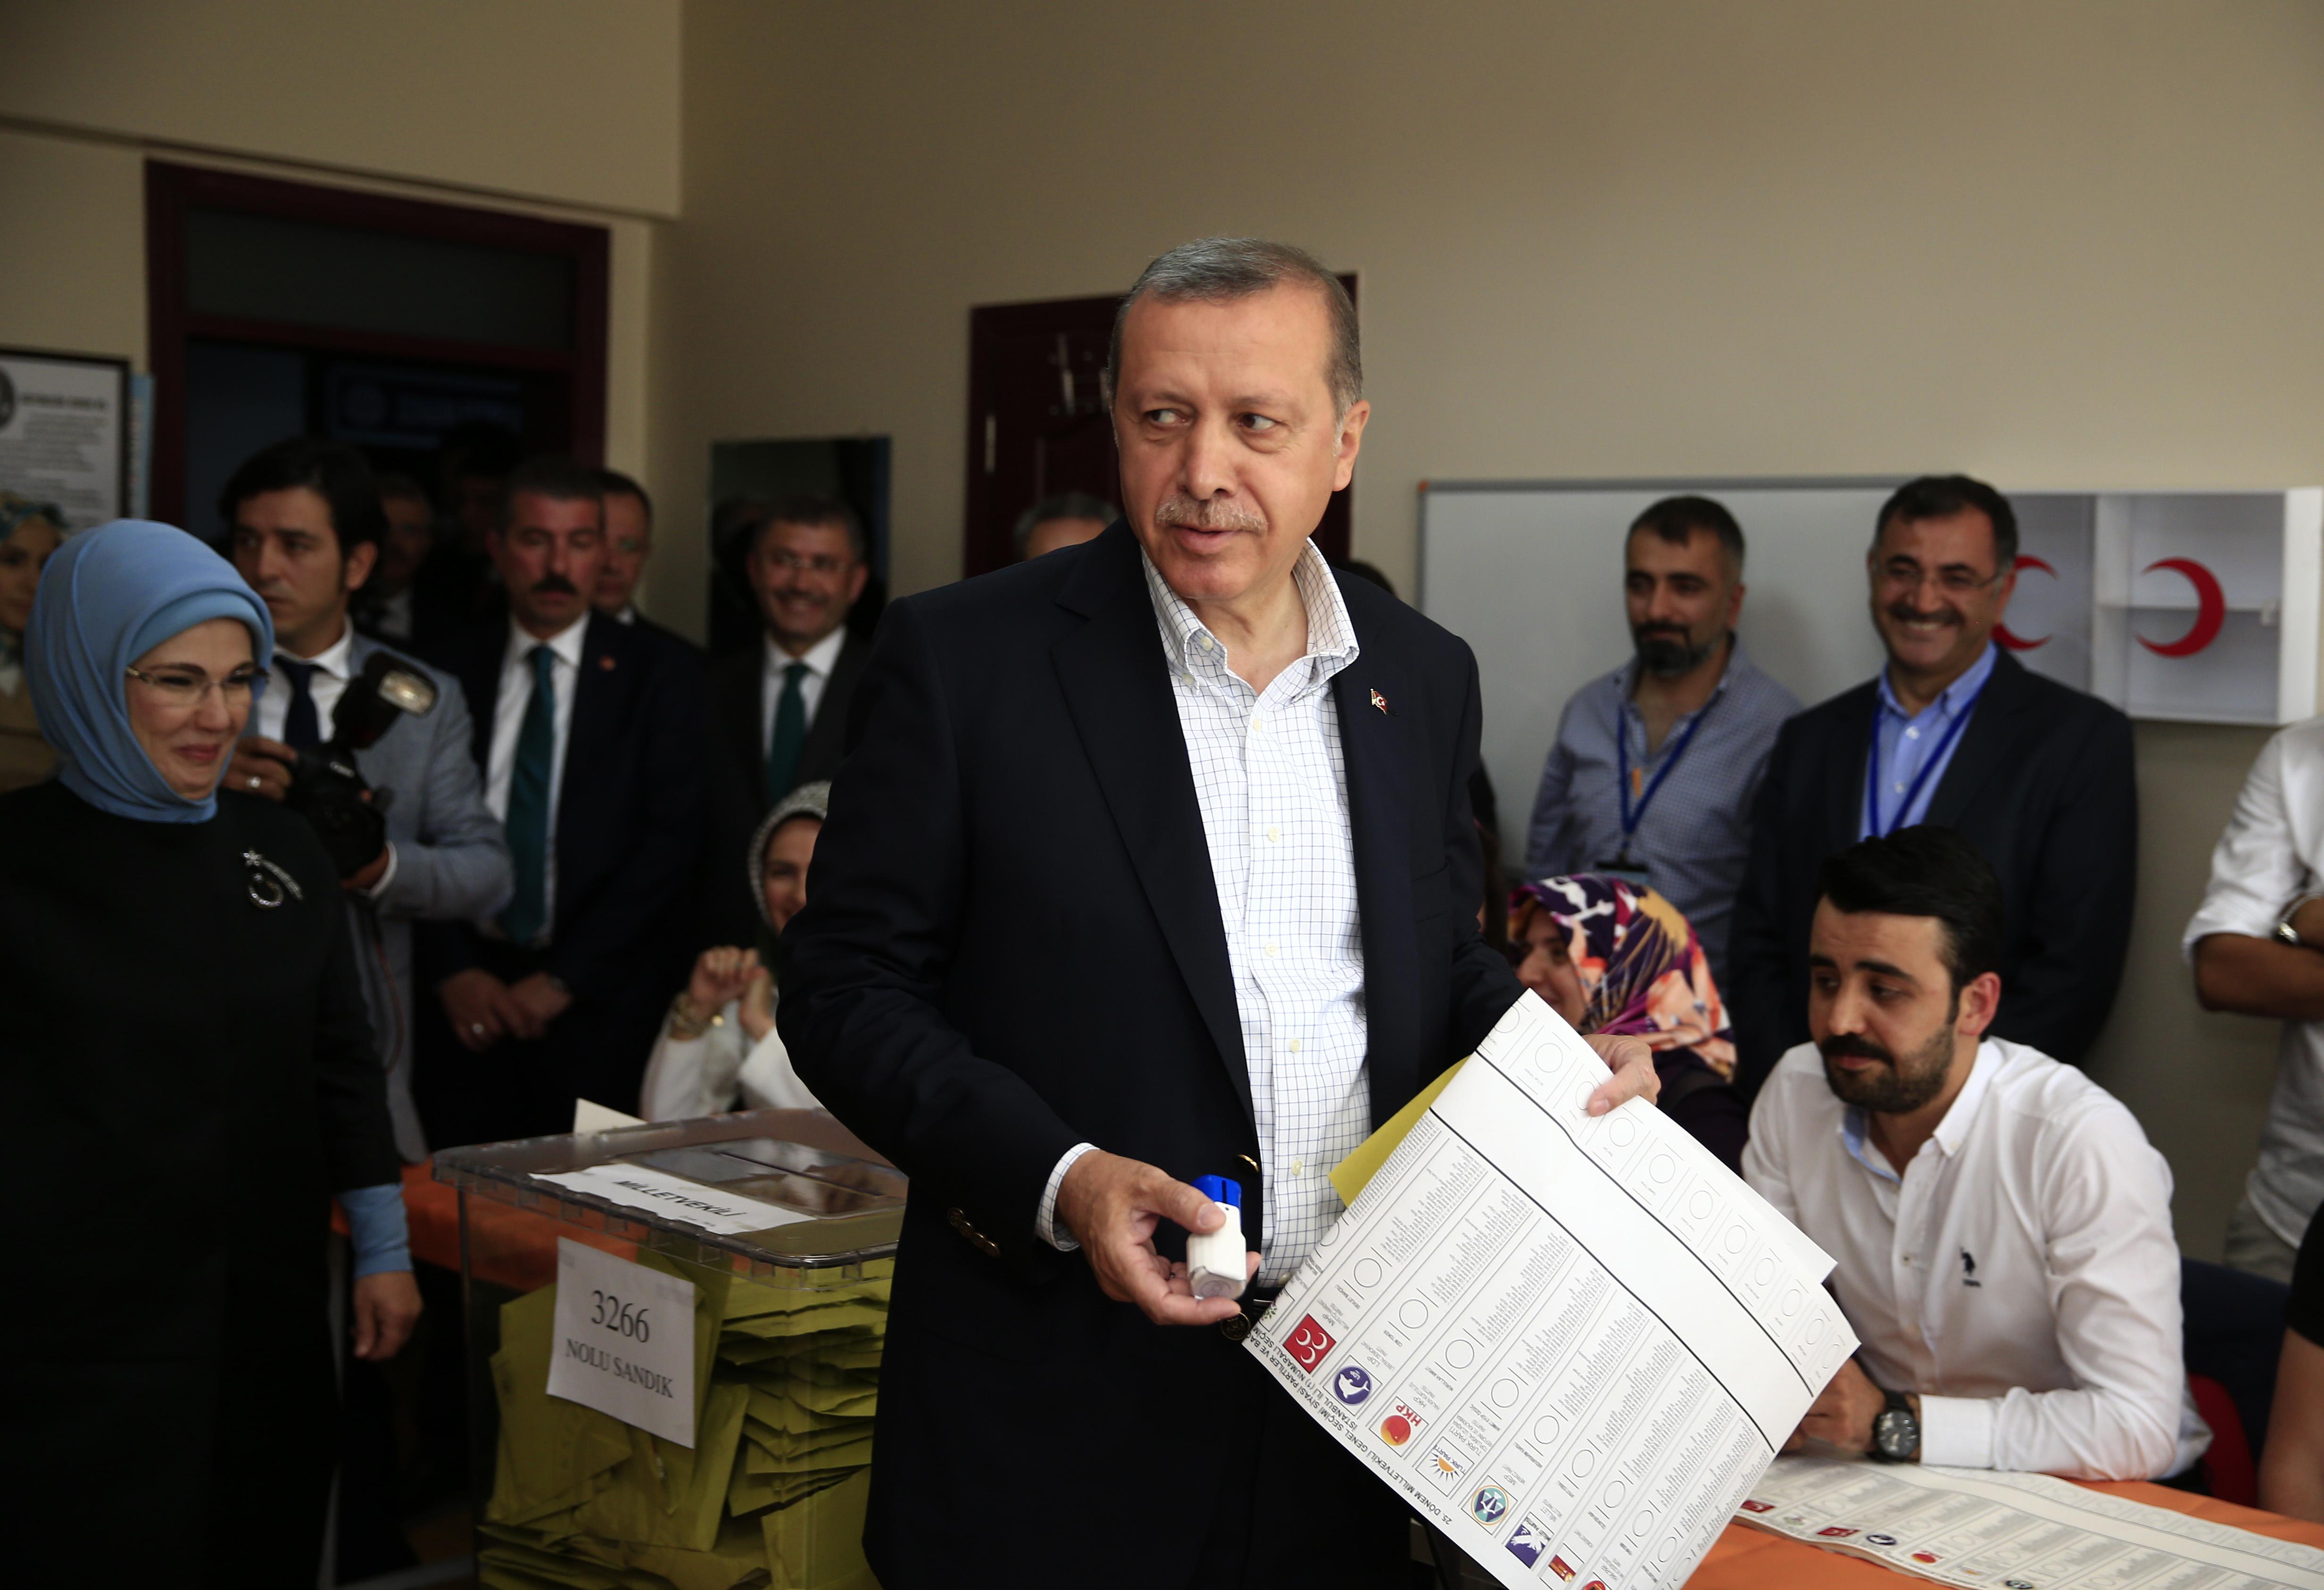 525a98154 O Presidente turco prometeu hoje demitir-se caso se confirme a acusação de  que a Turquia abateu um avião da Rússia para proteger o envio para solo  turco de ...